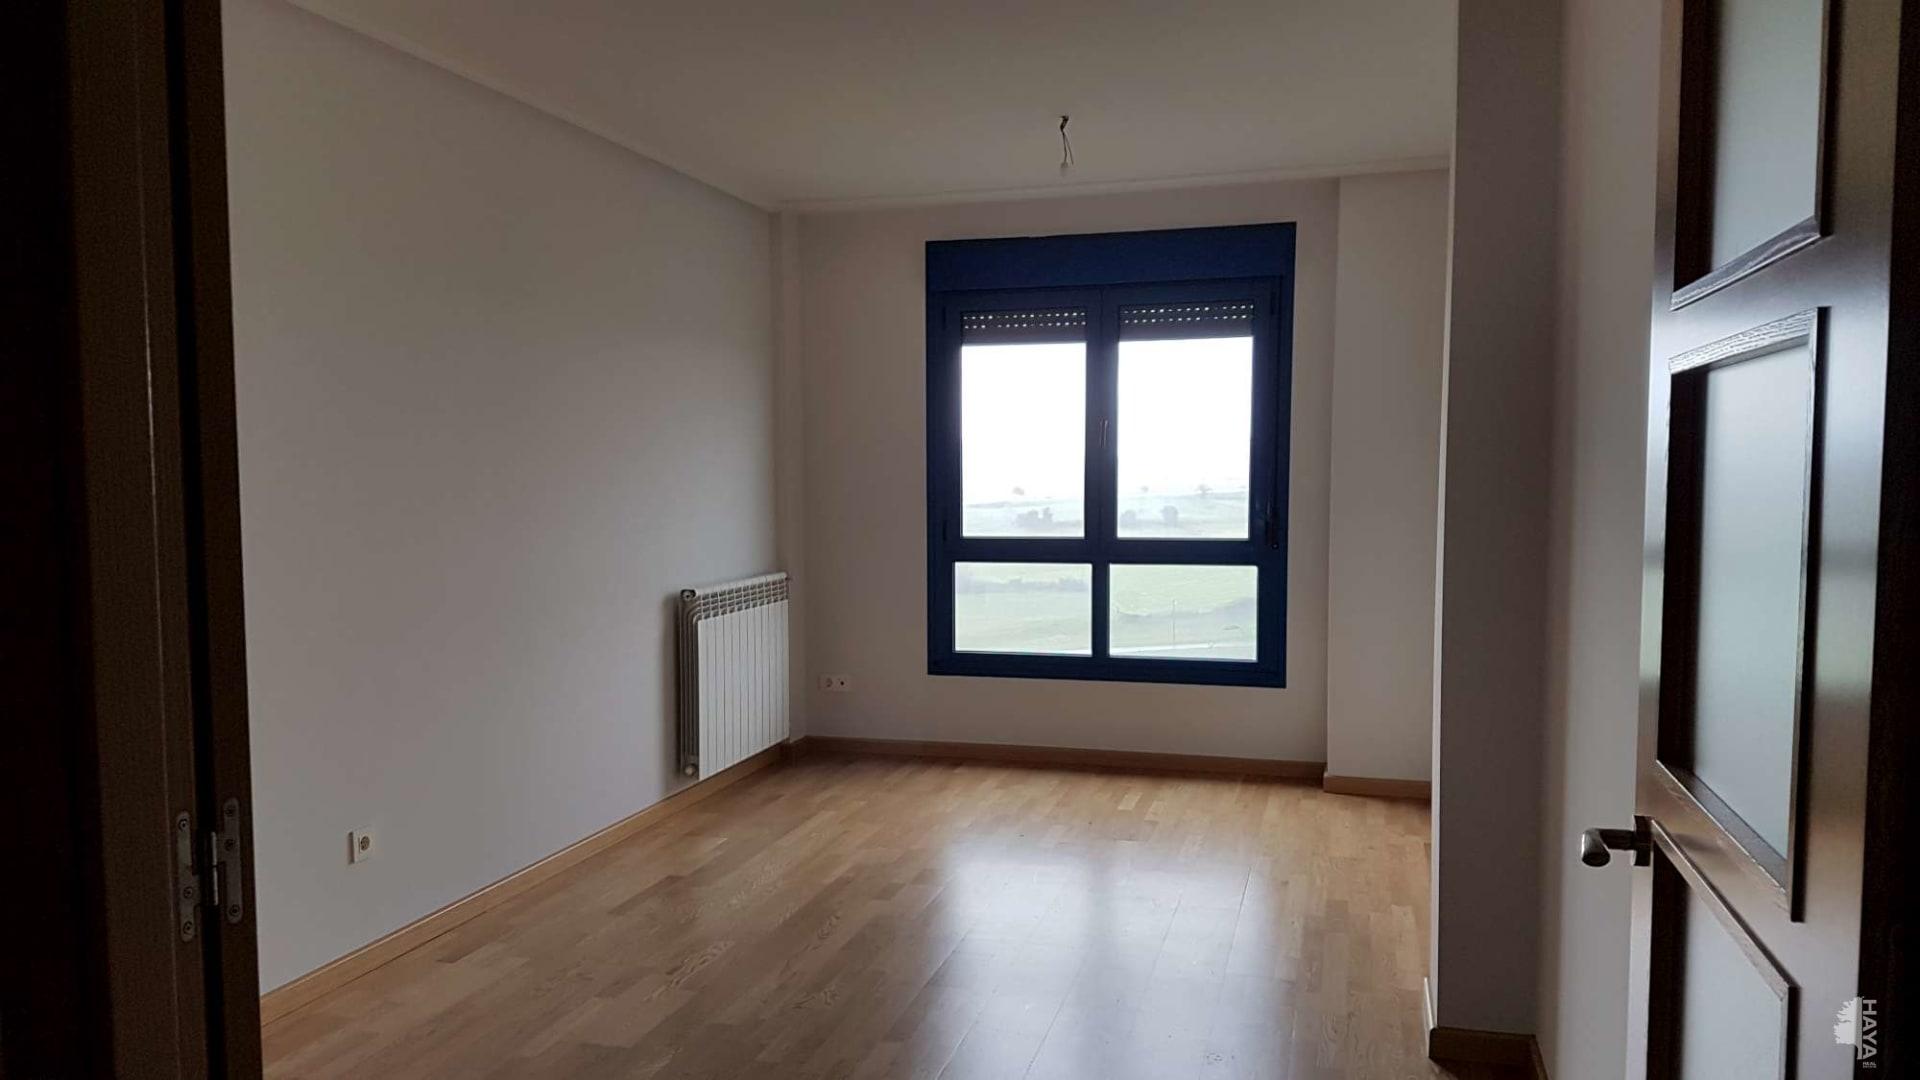 Piso en venta en Favila, Corvera de Asturias, Asturias, Pasaje del Manzano, 103.600 €, 3 habitaciones, 1 baño, 82 m2